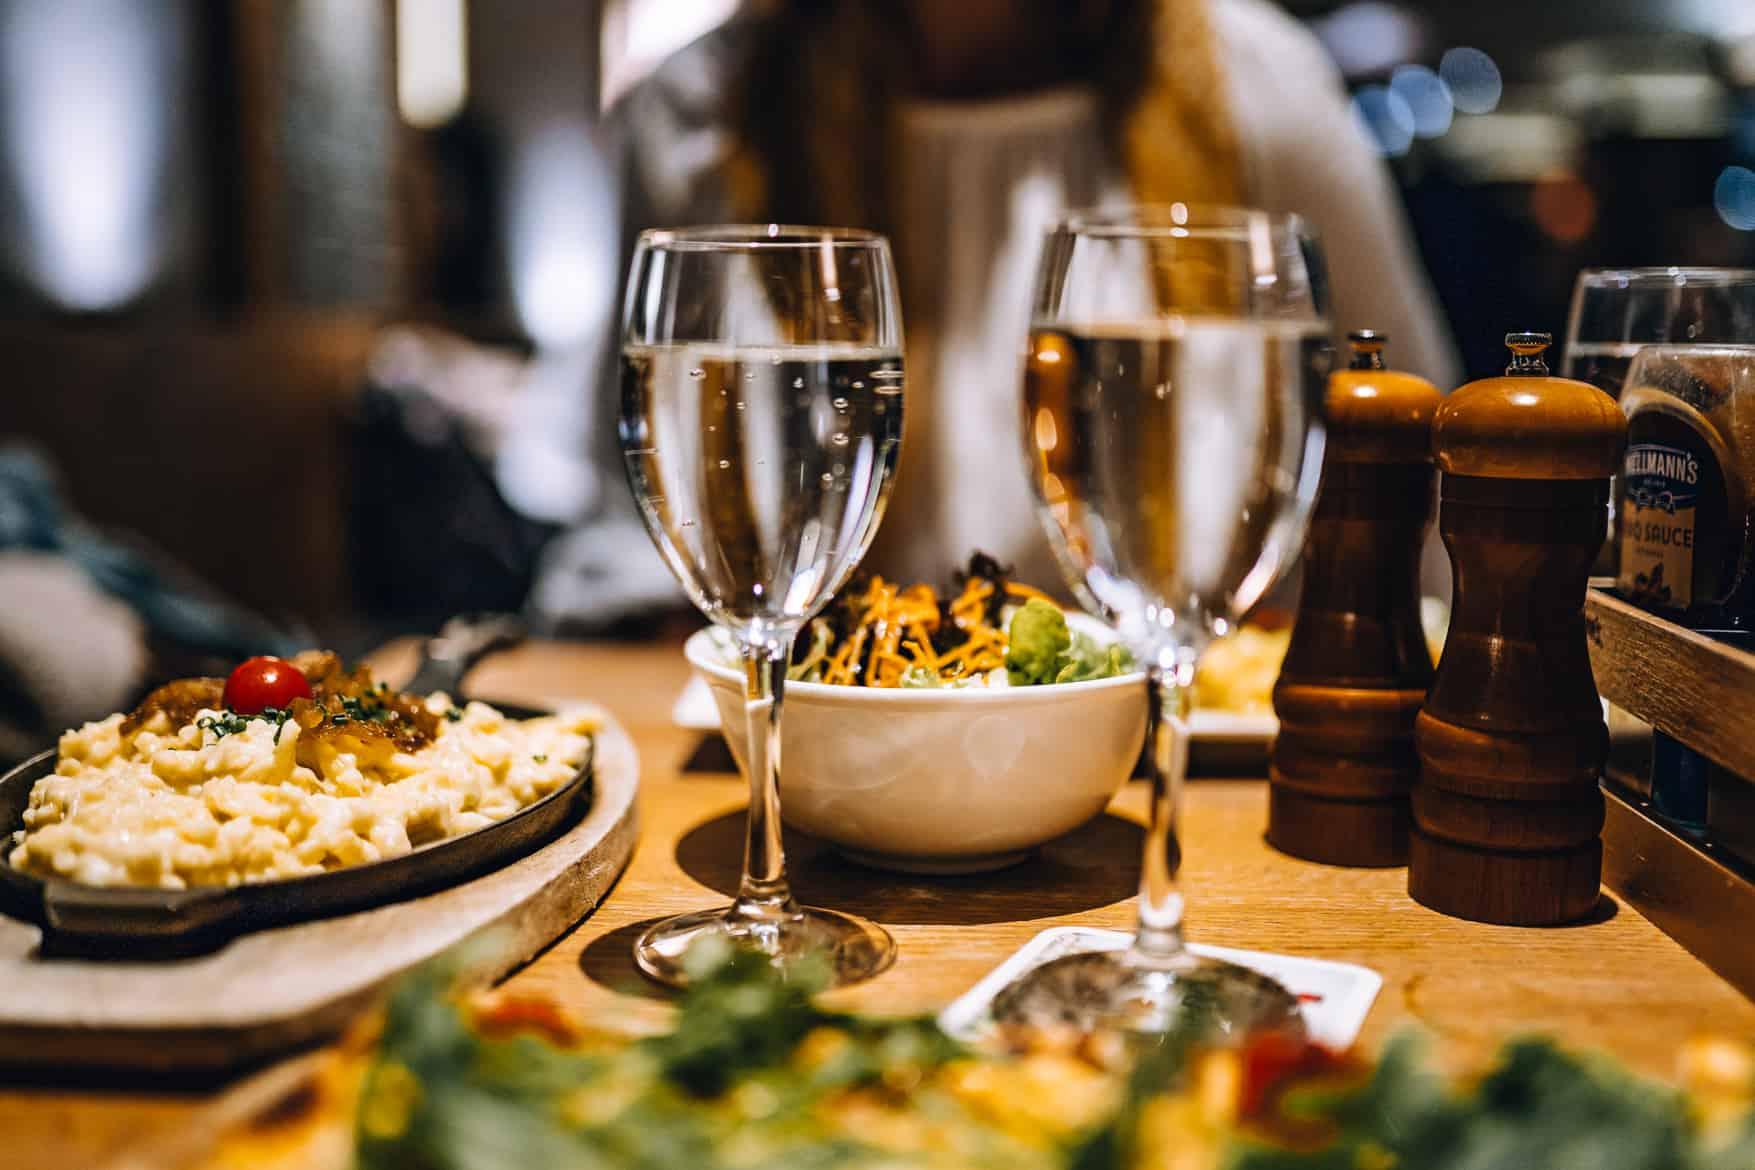 Stuttgart im Herbst - Cannstatter Wasen, Kürbisfestival & #tastyStuttgart: Essen im Carls Brauhaus